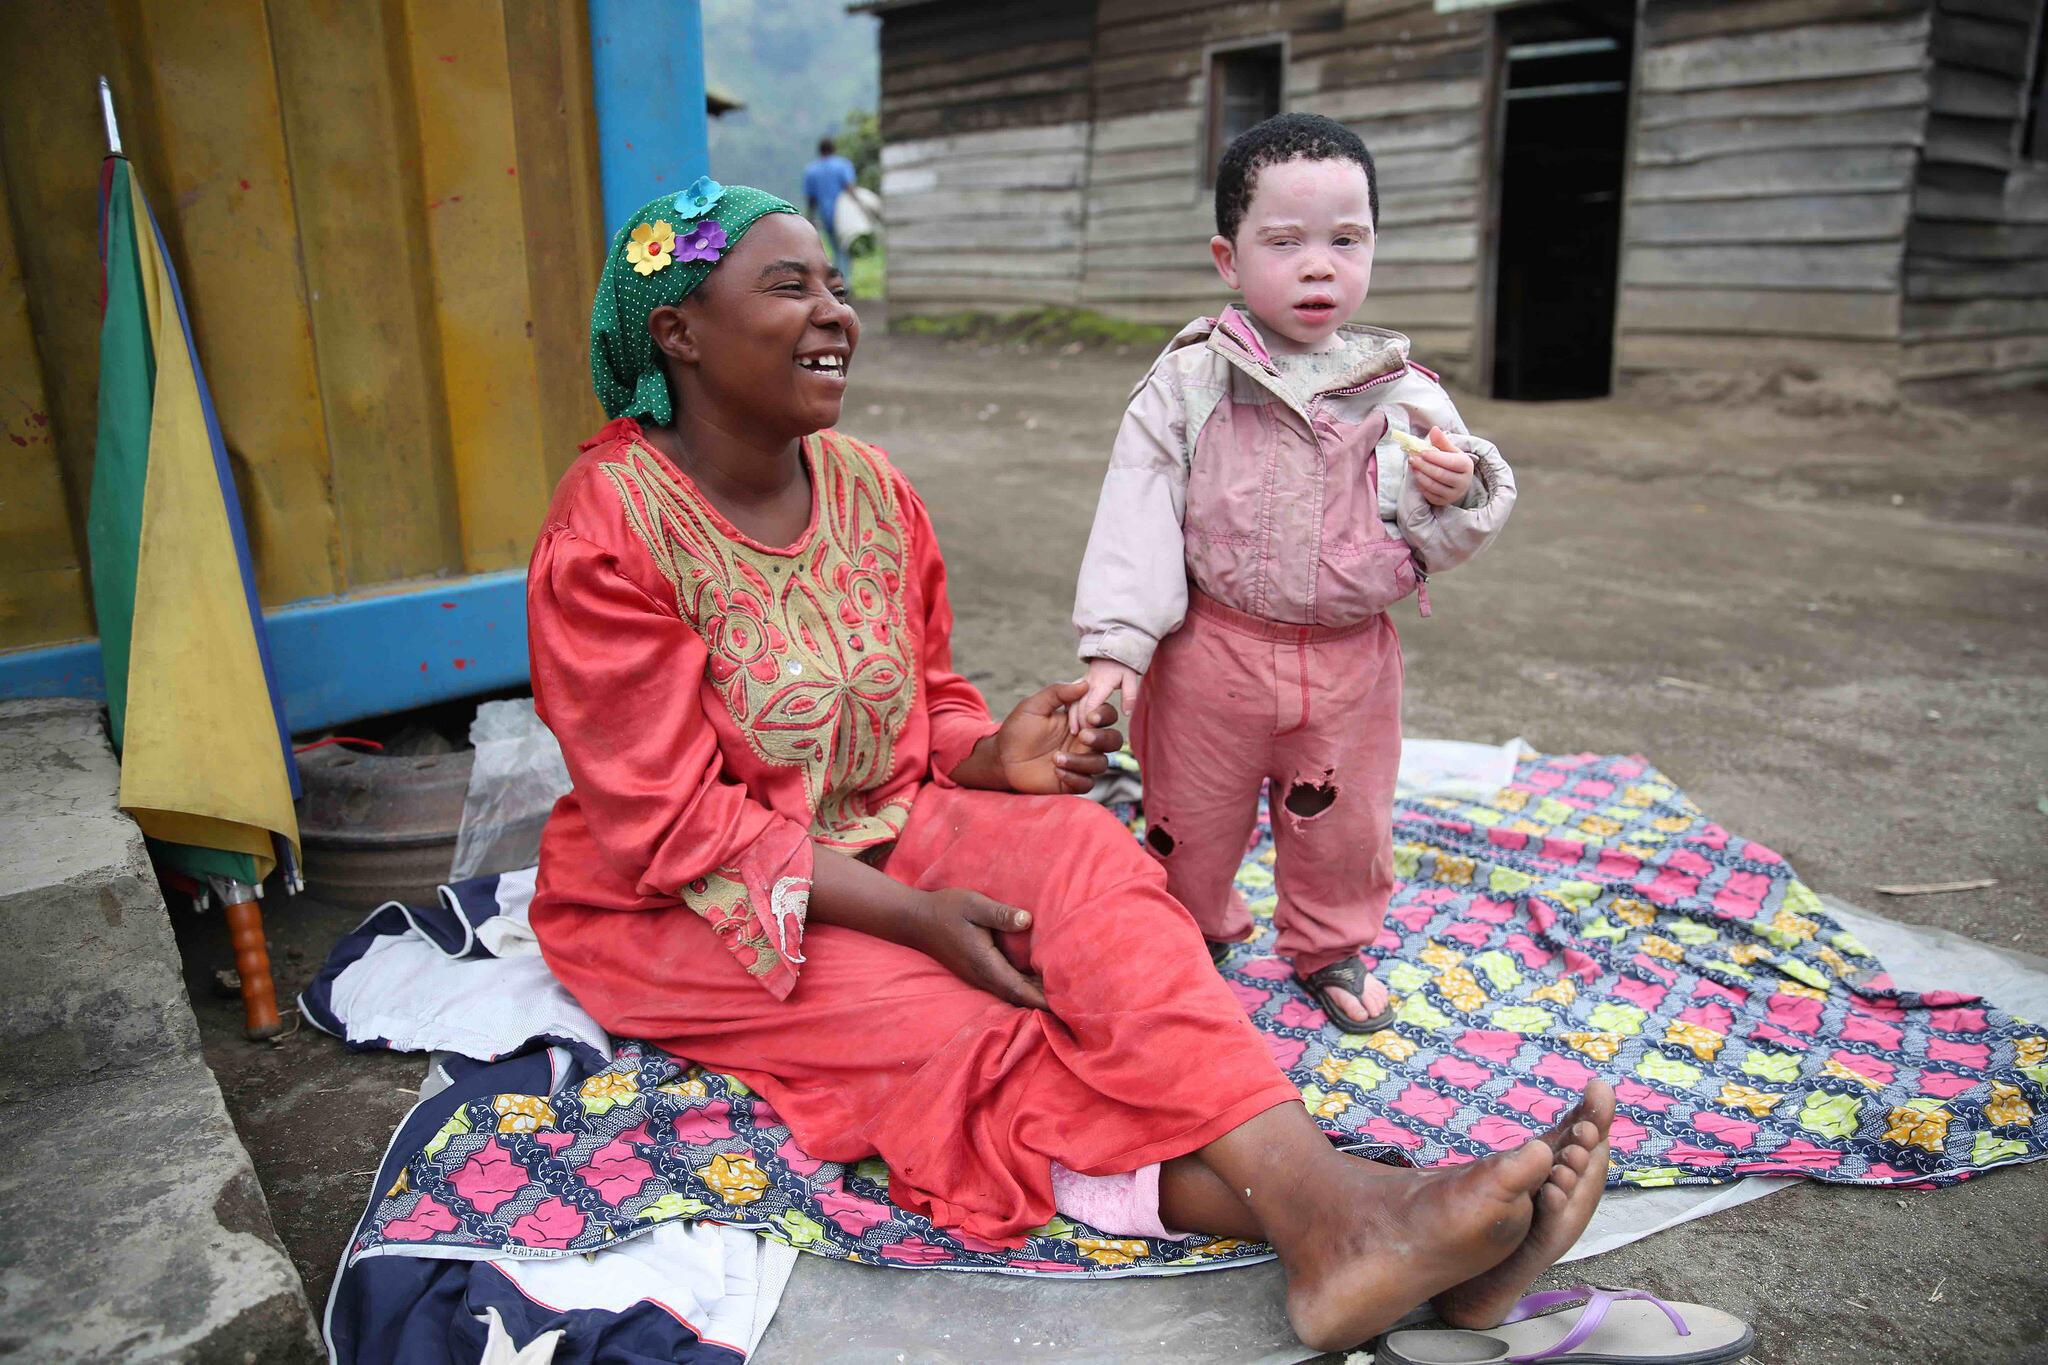 Nyabibale, Province du Nord Kivu, RD Congo : Une maman et son enfant albinos s'amusent. Aujourd'hui est célébrée la Journée internationale de sensibilisation à l'albinisme.